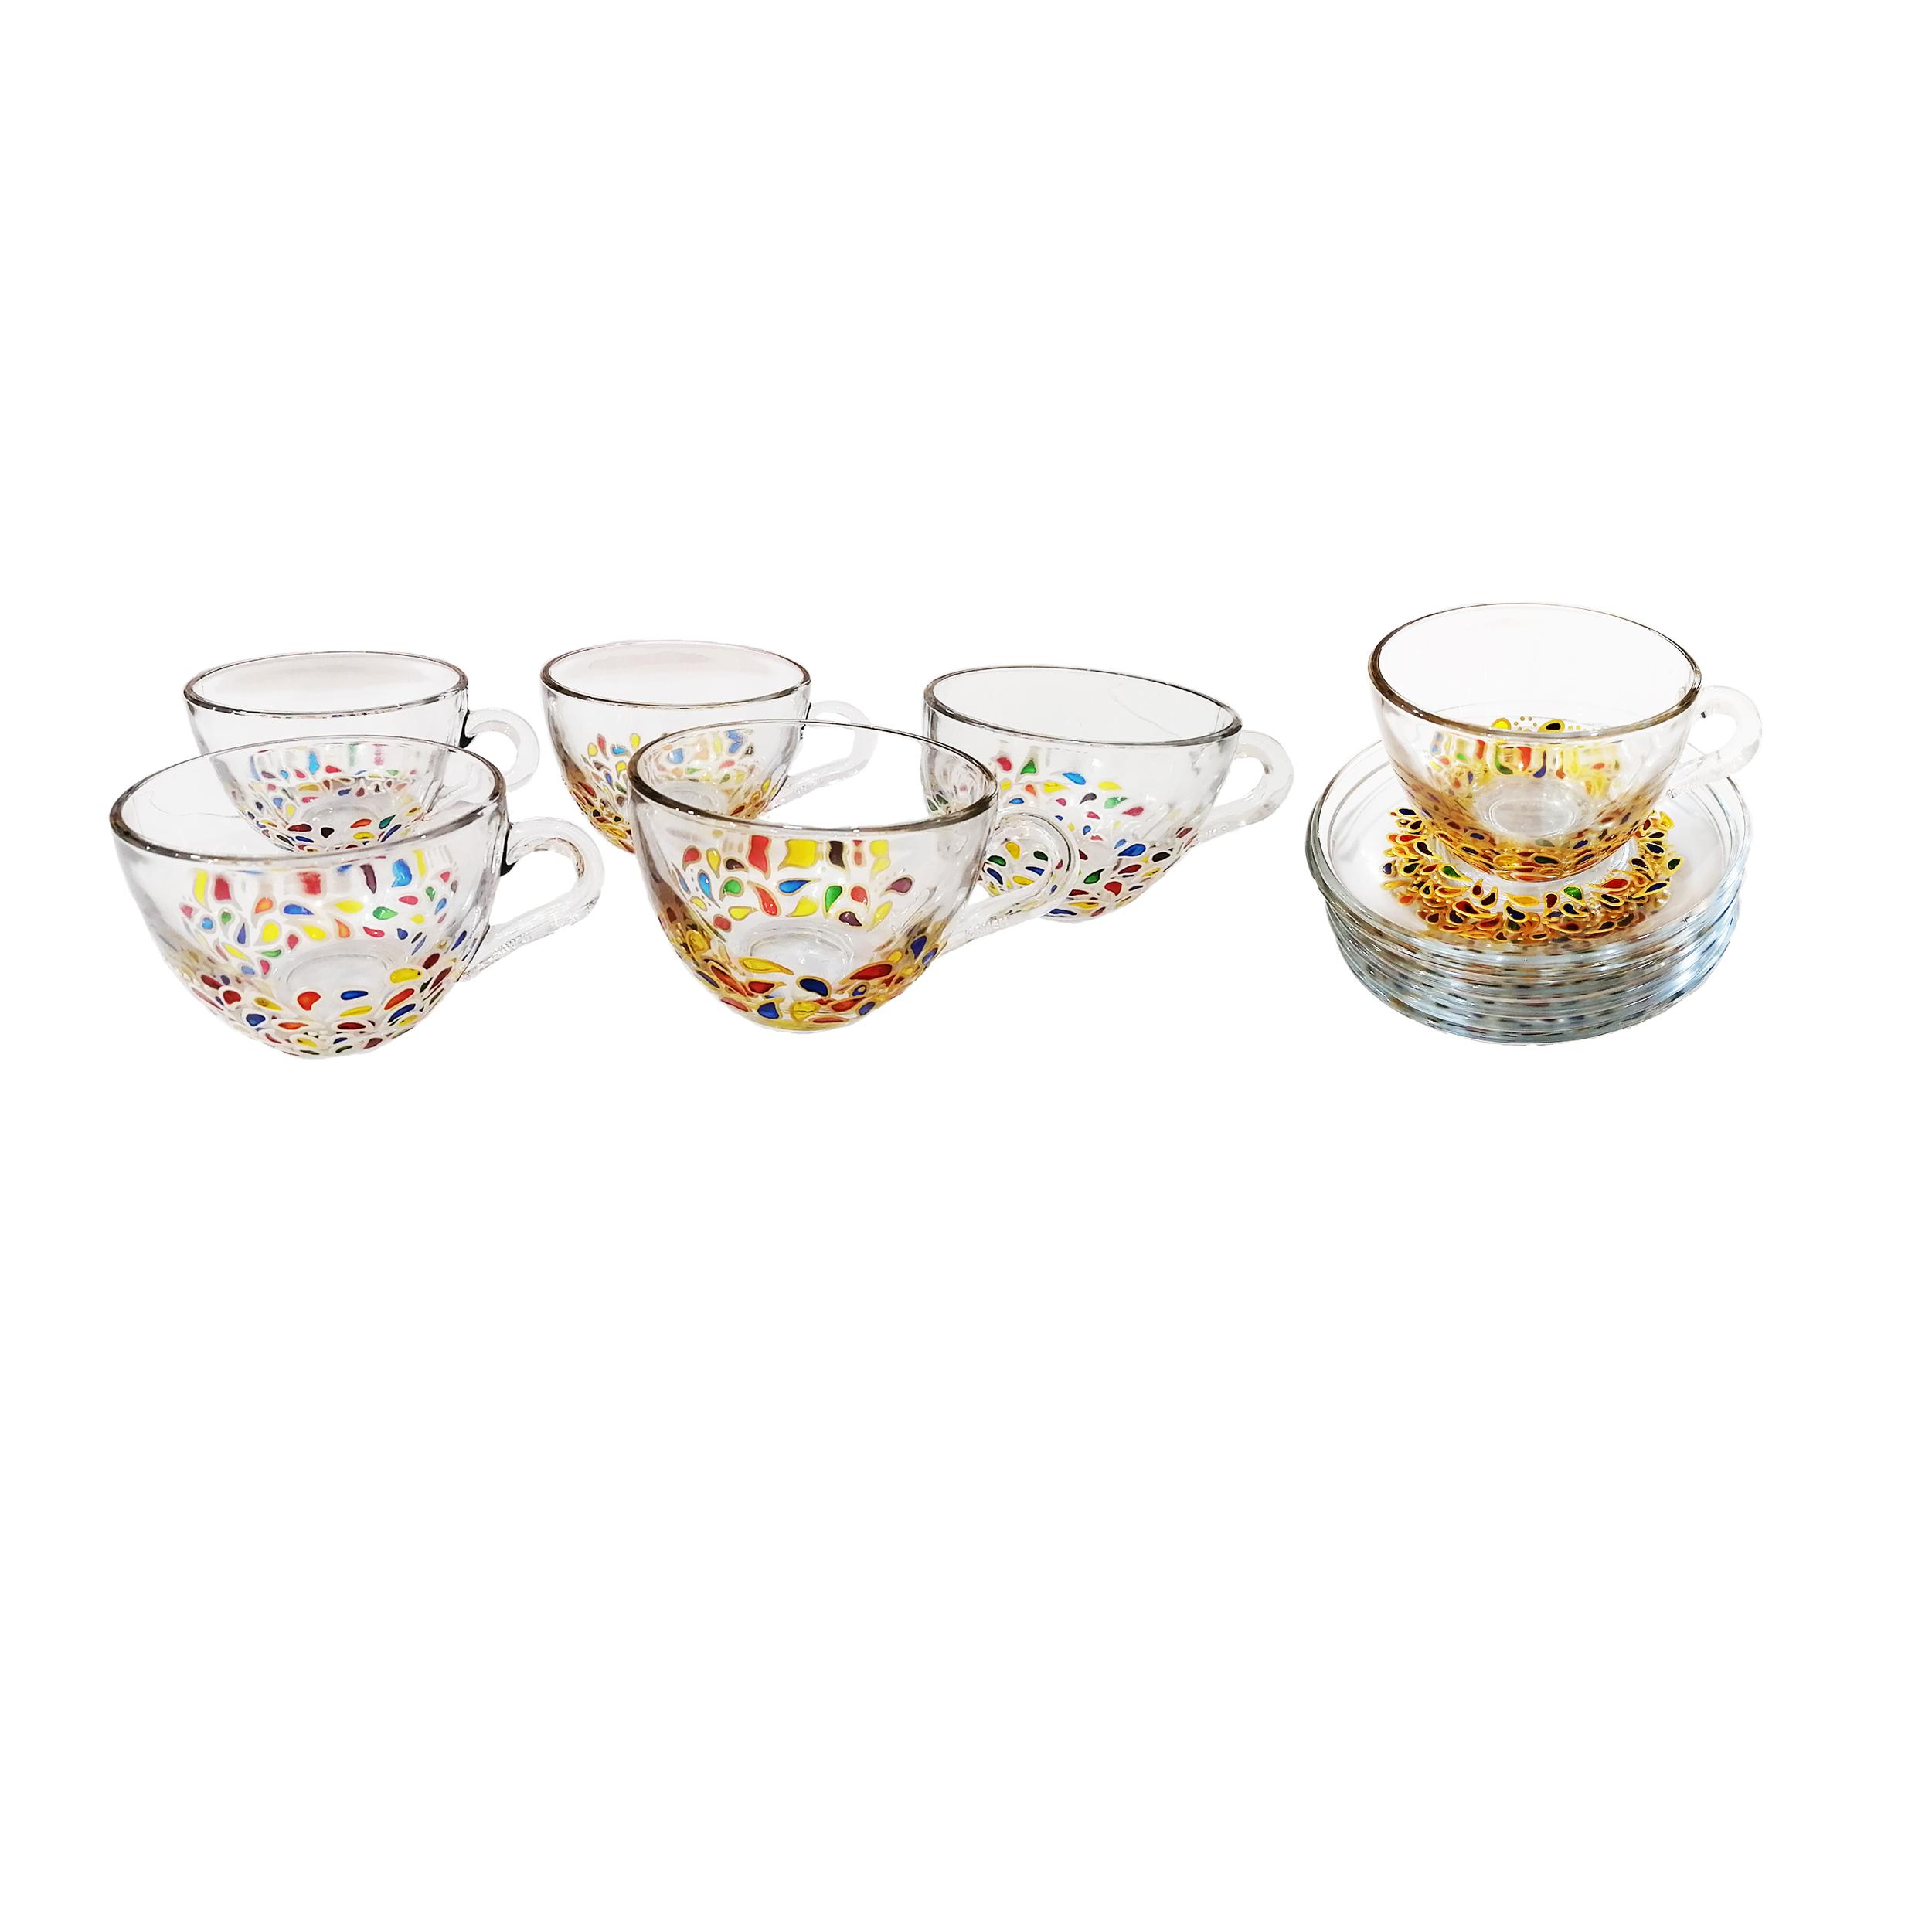 ست فنجان و نعلبکی شیشه ای طرح ترمه